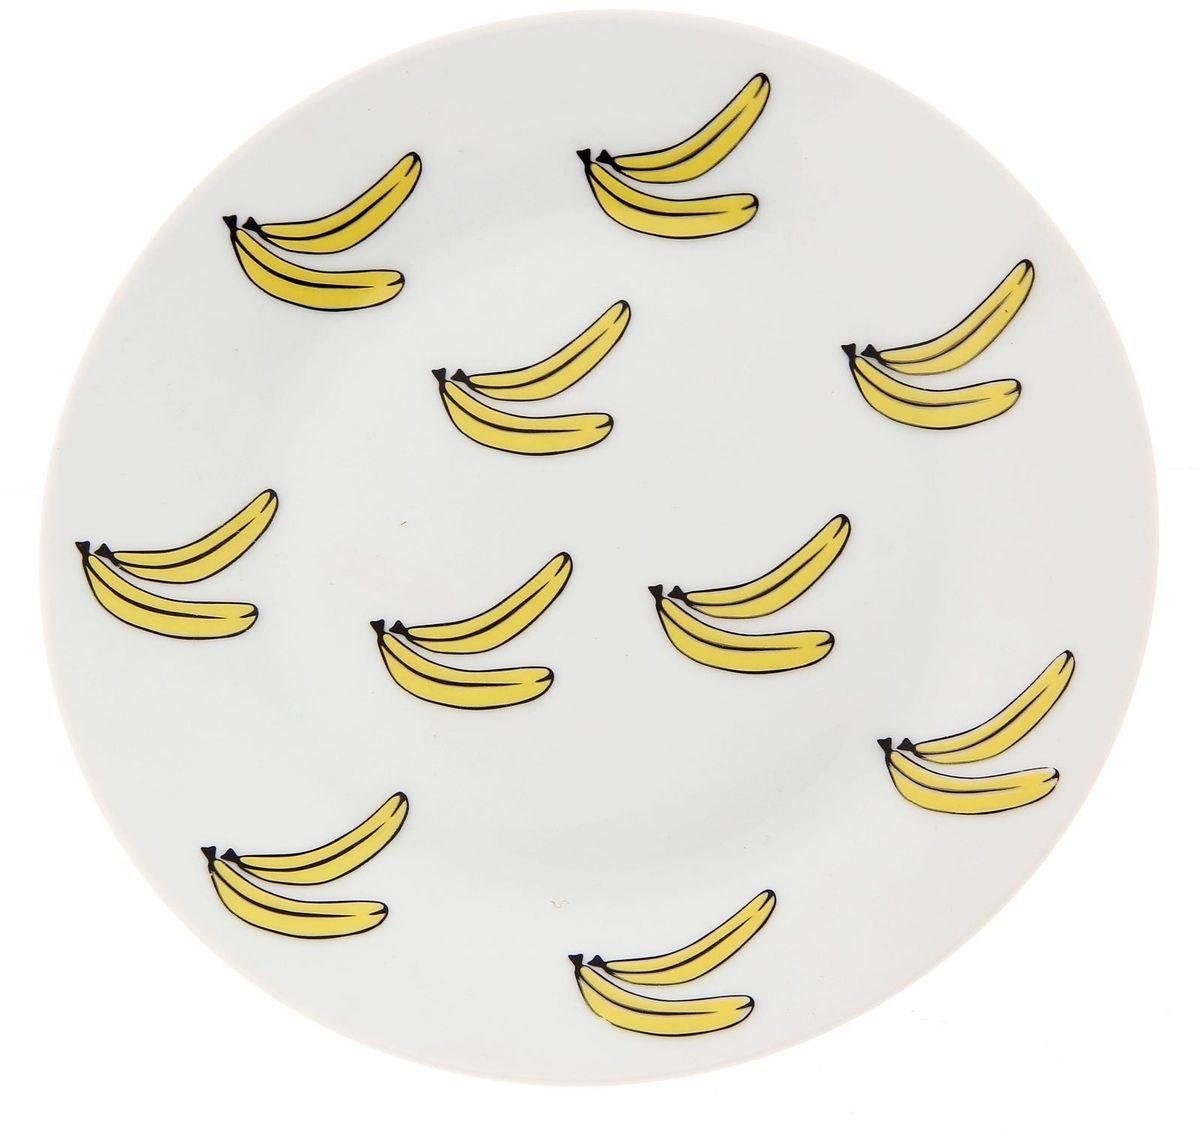 Тарелка мелкая Сотвори чудо Бананы, диаметр 20 см2277869Хотите обновить интерьер кухни или гостиной? Устраиваете необычную фотосессию или тематический праздник? А может, просто ищете подарок для близкого человека? Посуда « Сотвори Чудо» — правильный выбор в любой ситуации. Её достоинства: изящный фаянс нежного сливочного цвета; стойкость краски; пригодность для посудомоечных машин.